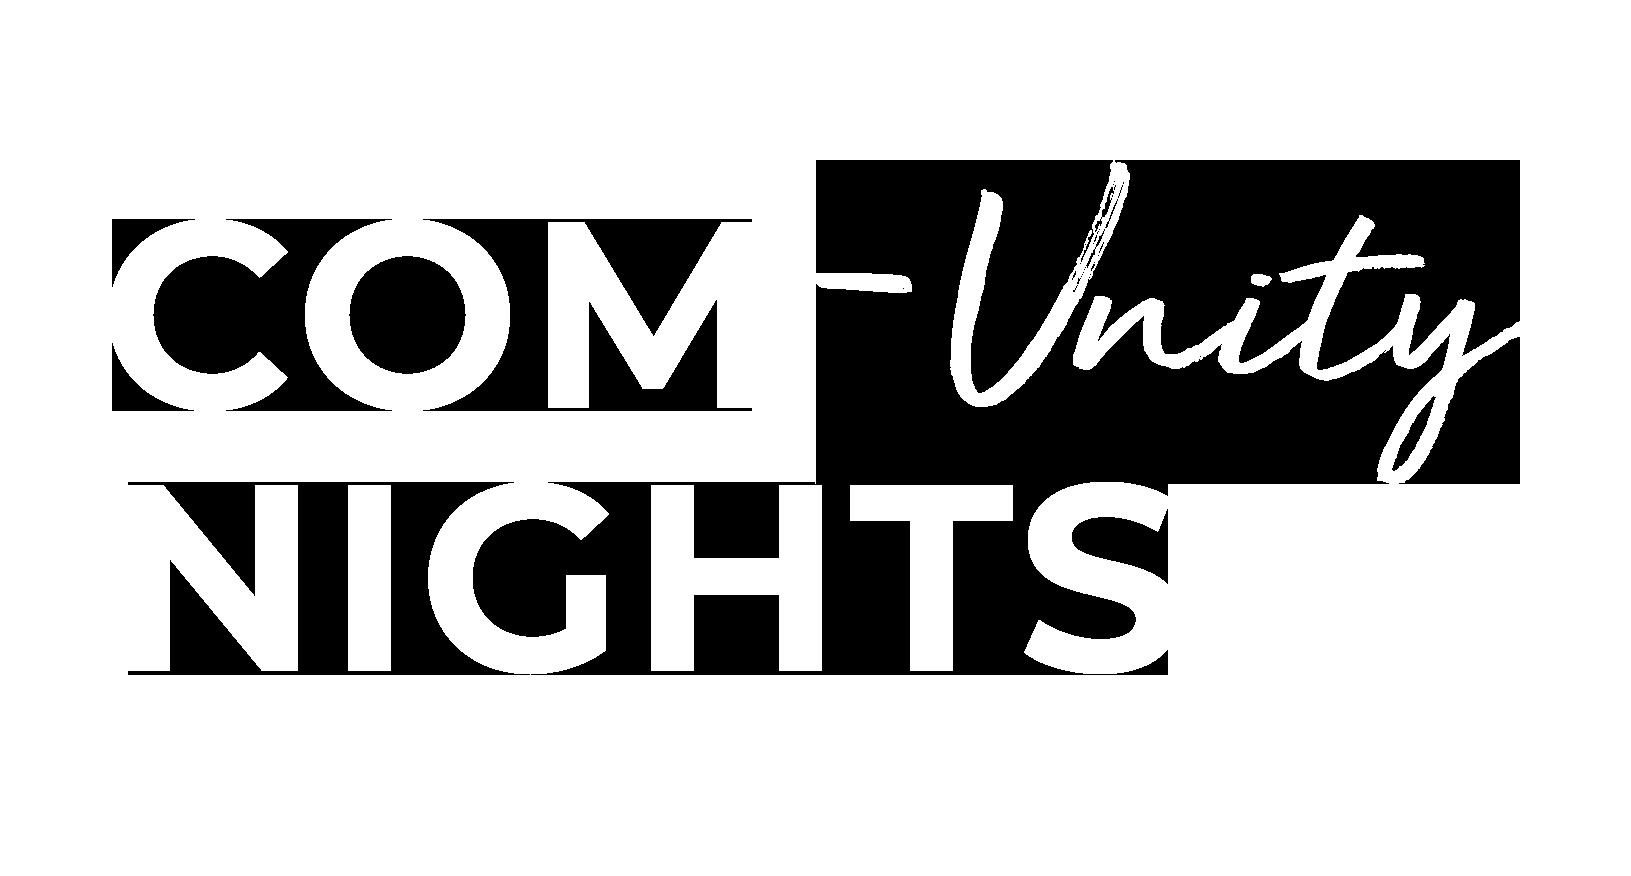 Com-unity Nights